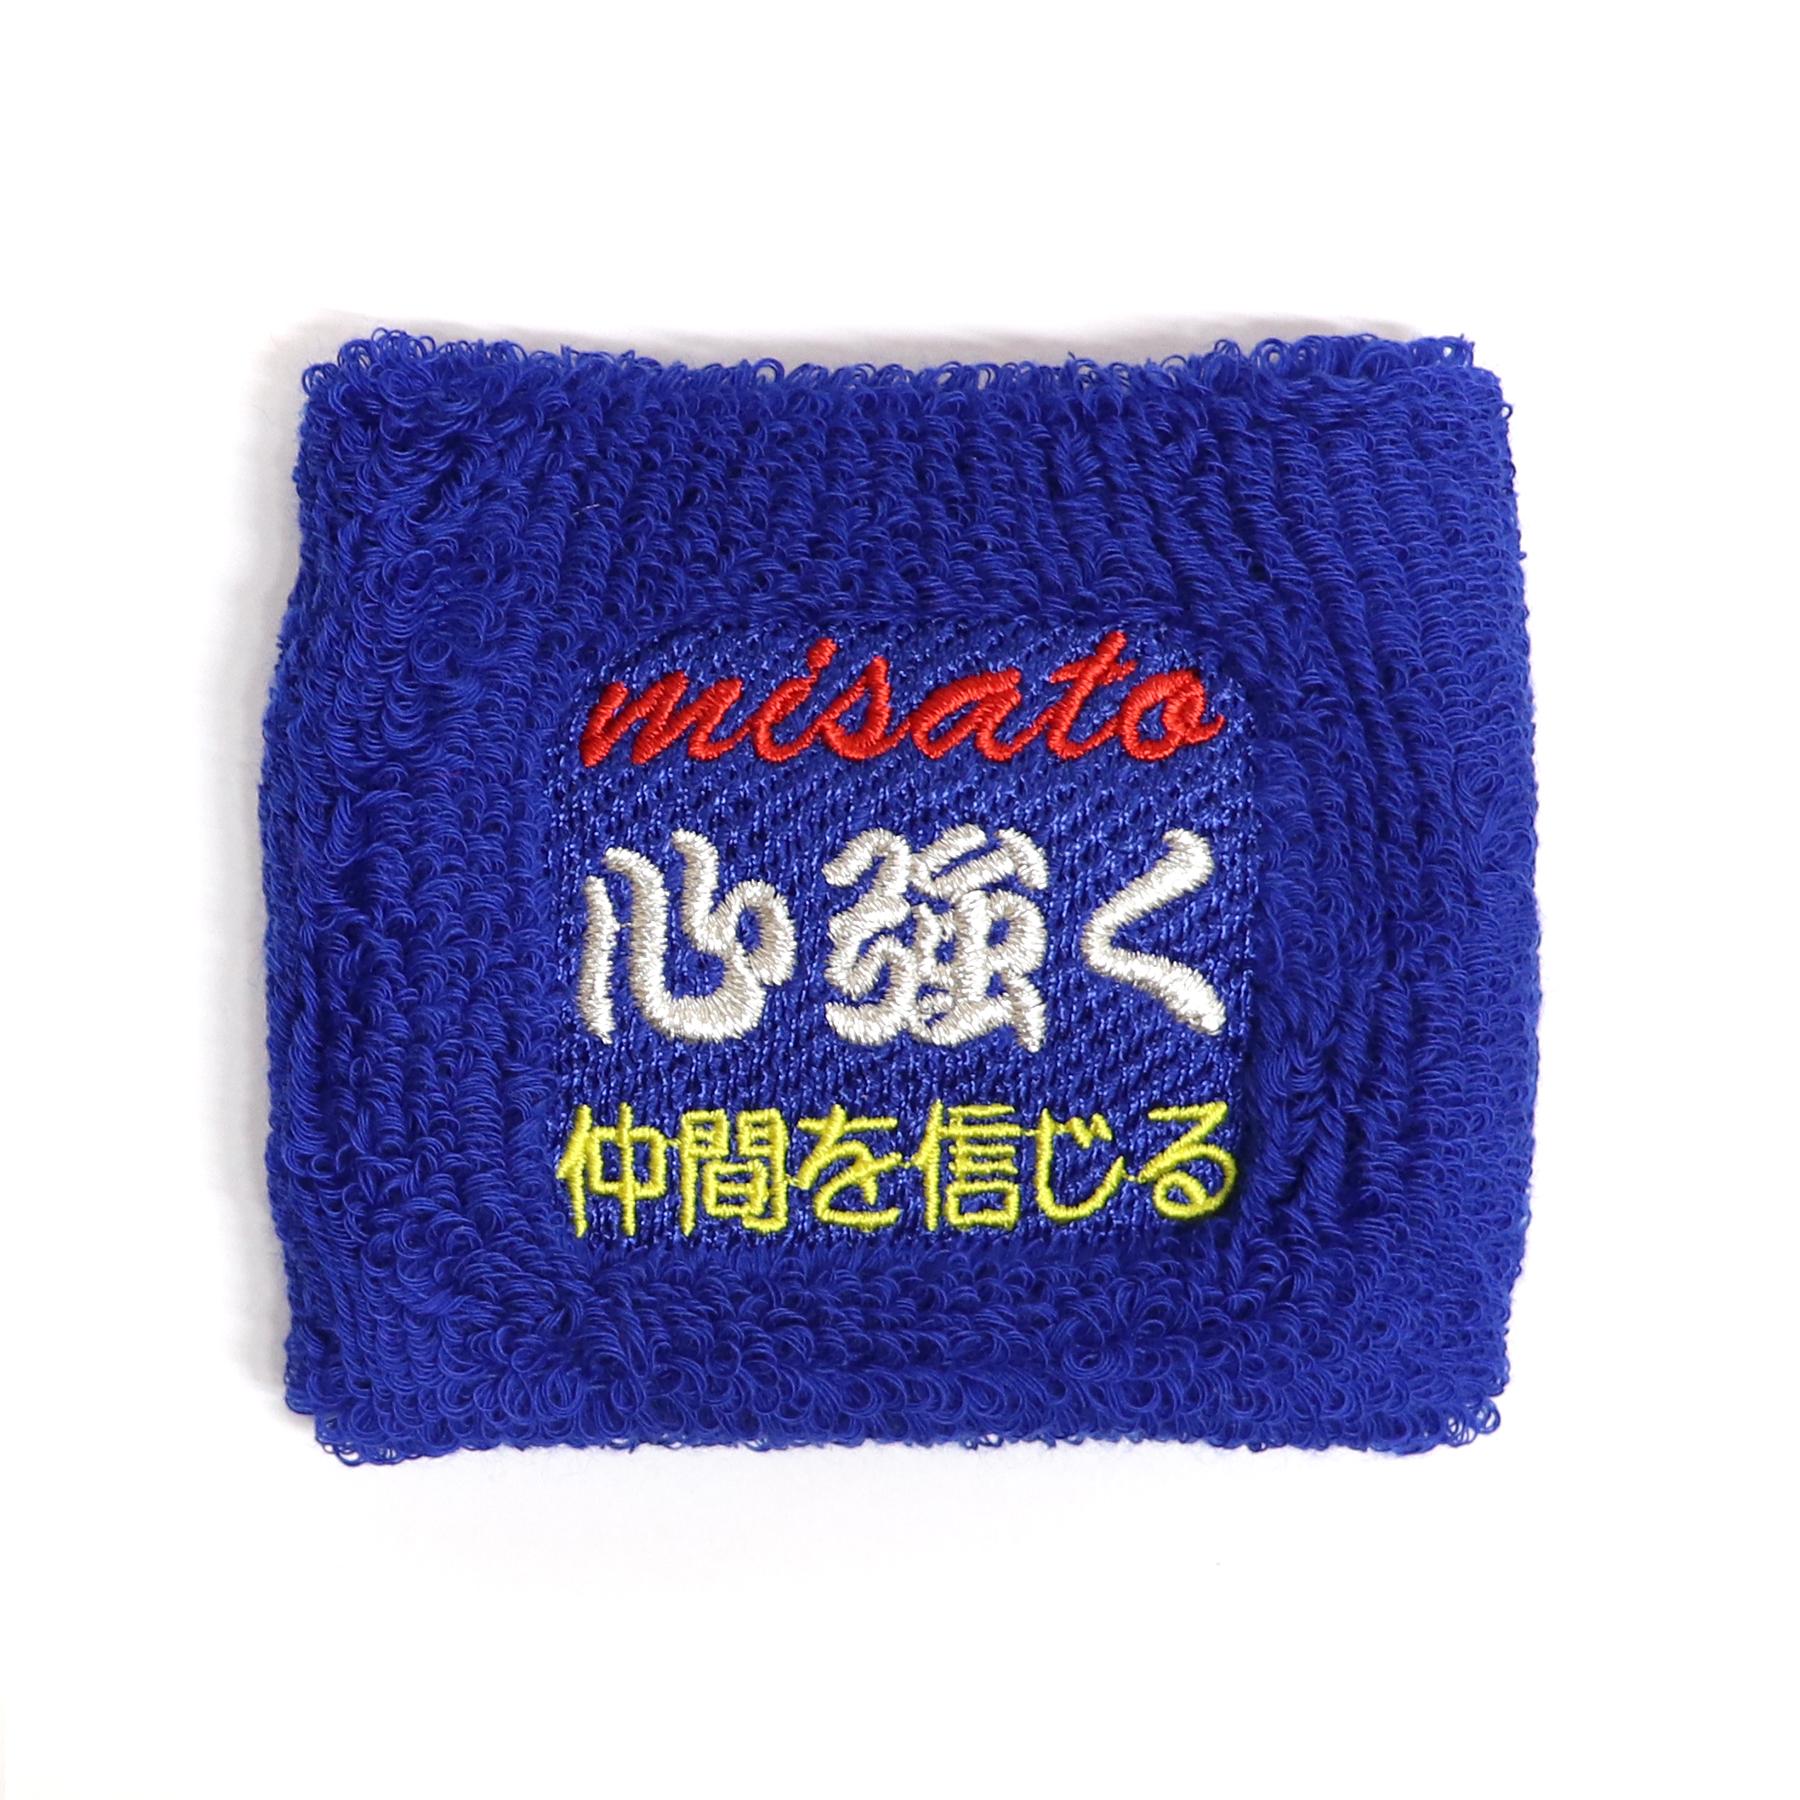 【15571】フォント刺繍/M-71 ロイヤルブルー/Fサイズ